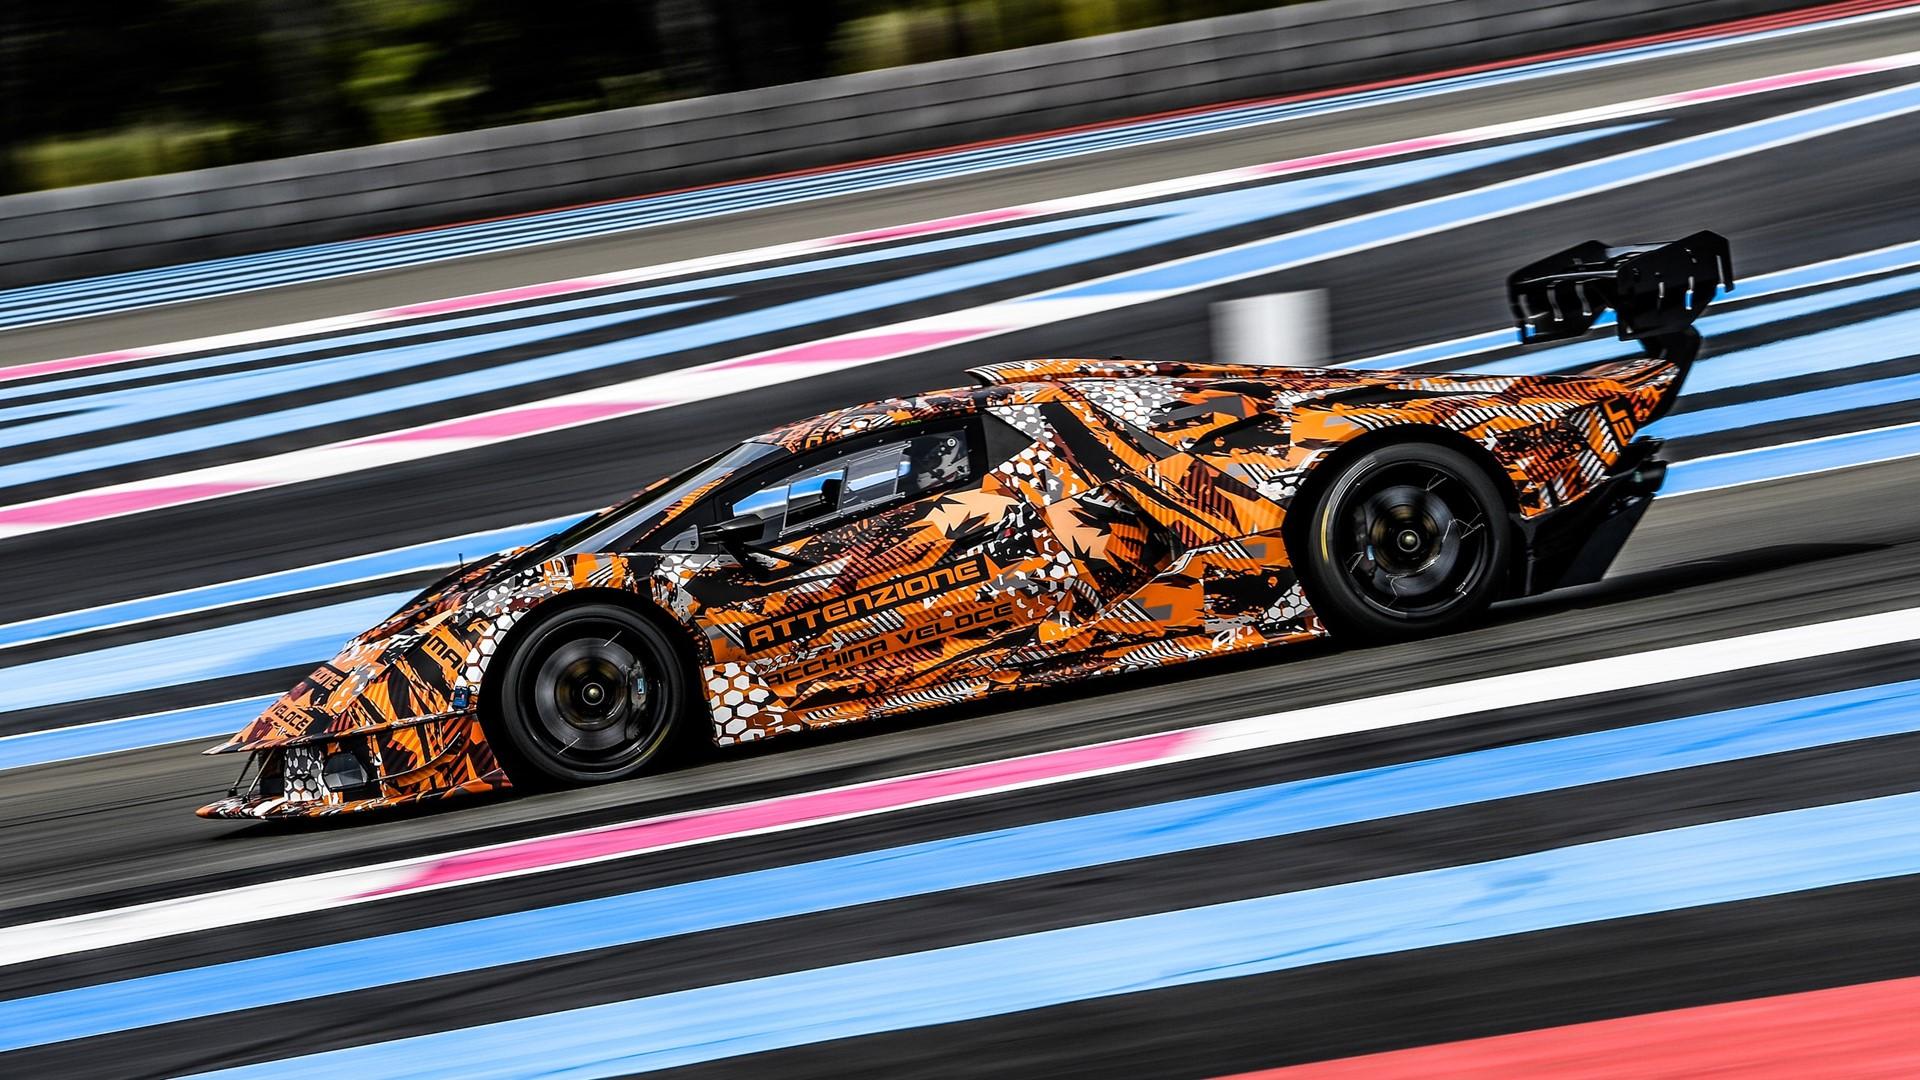 Lamborghini SCV12: Squadra Corse hypercar ready to hit the track - Image 5